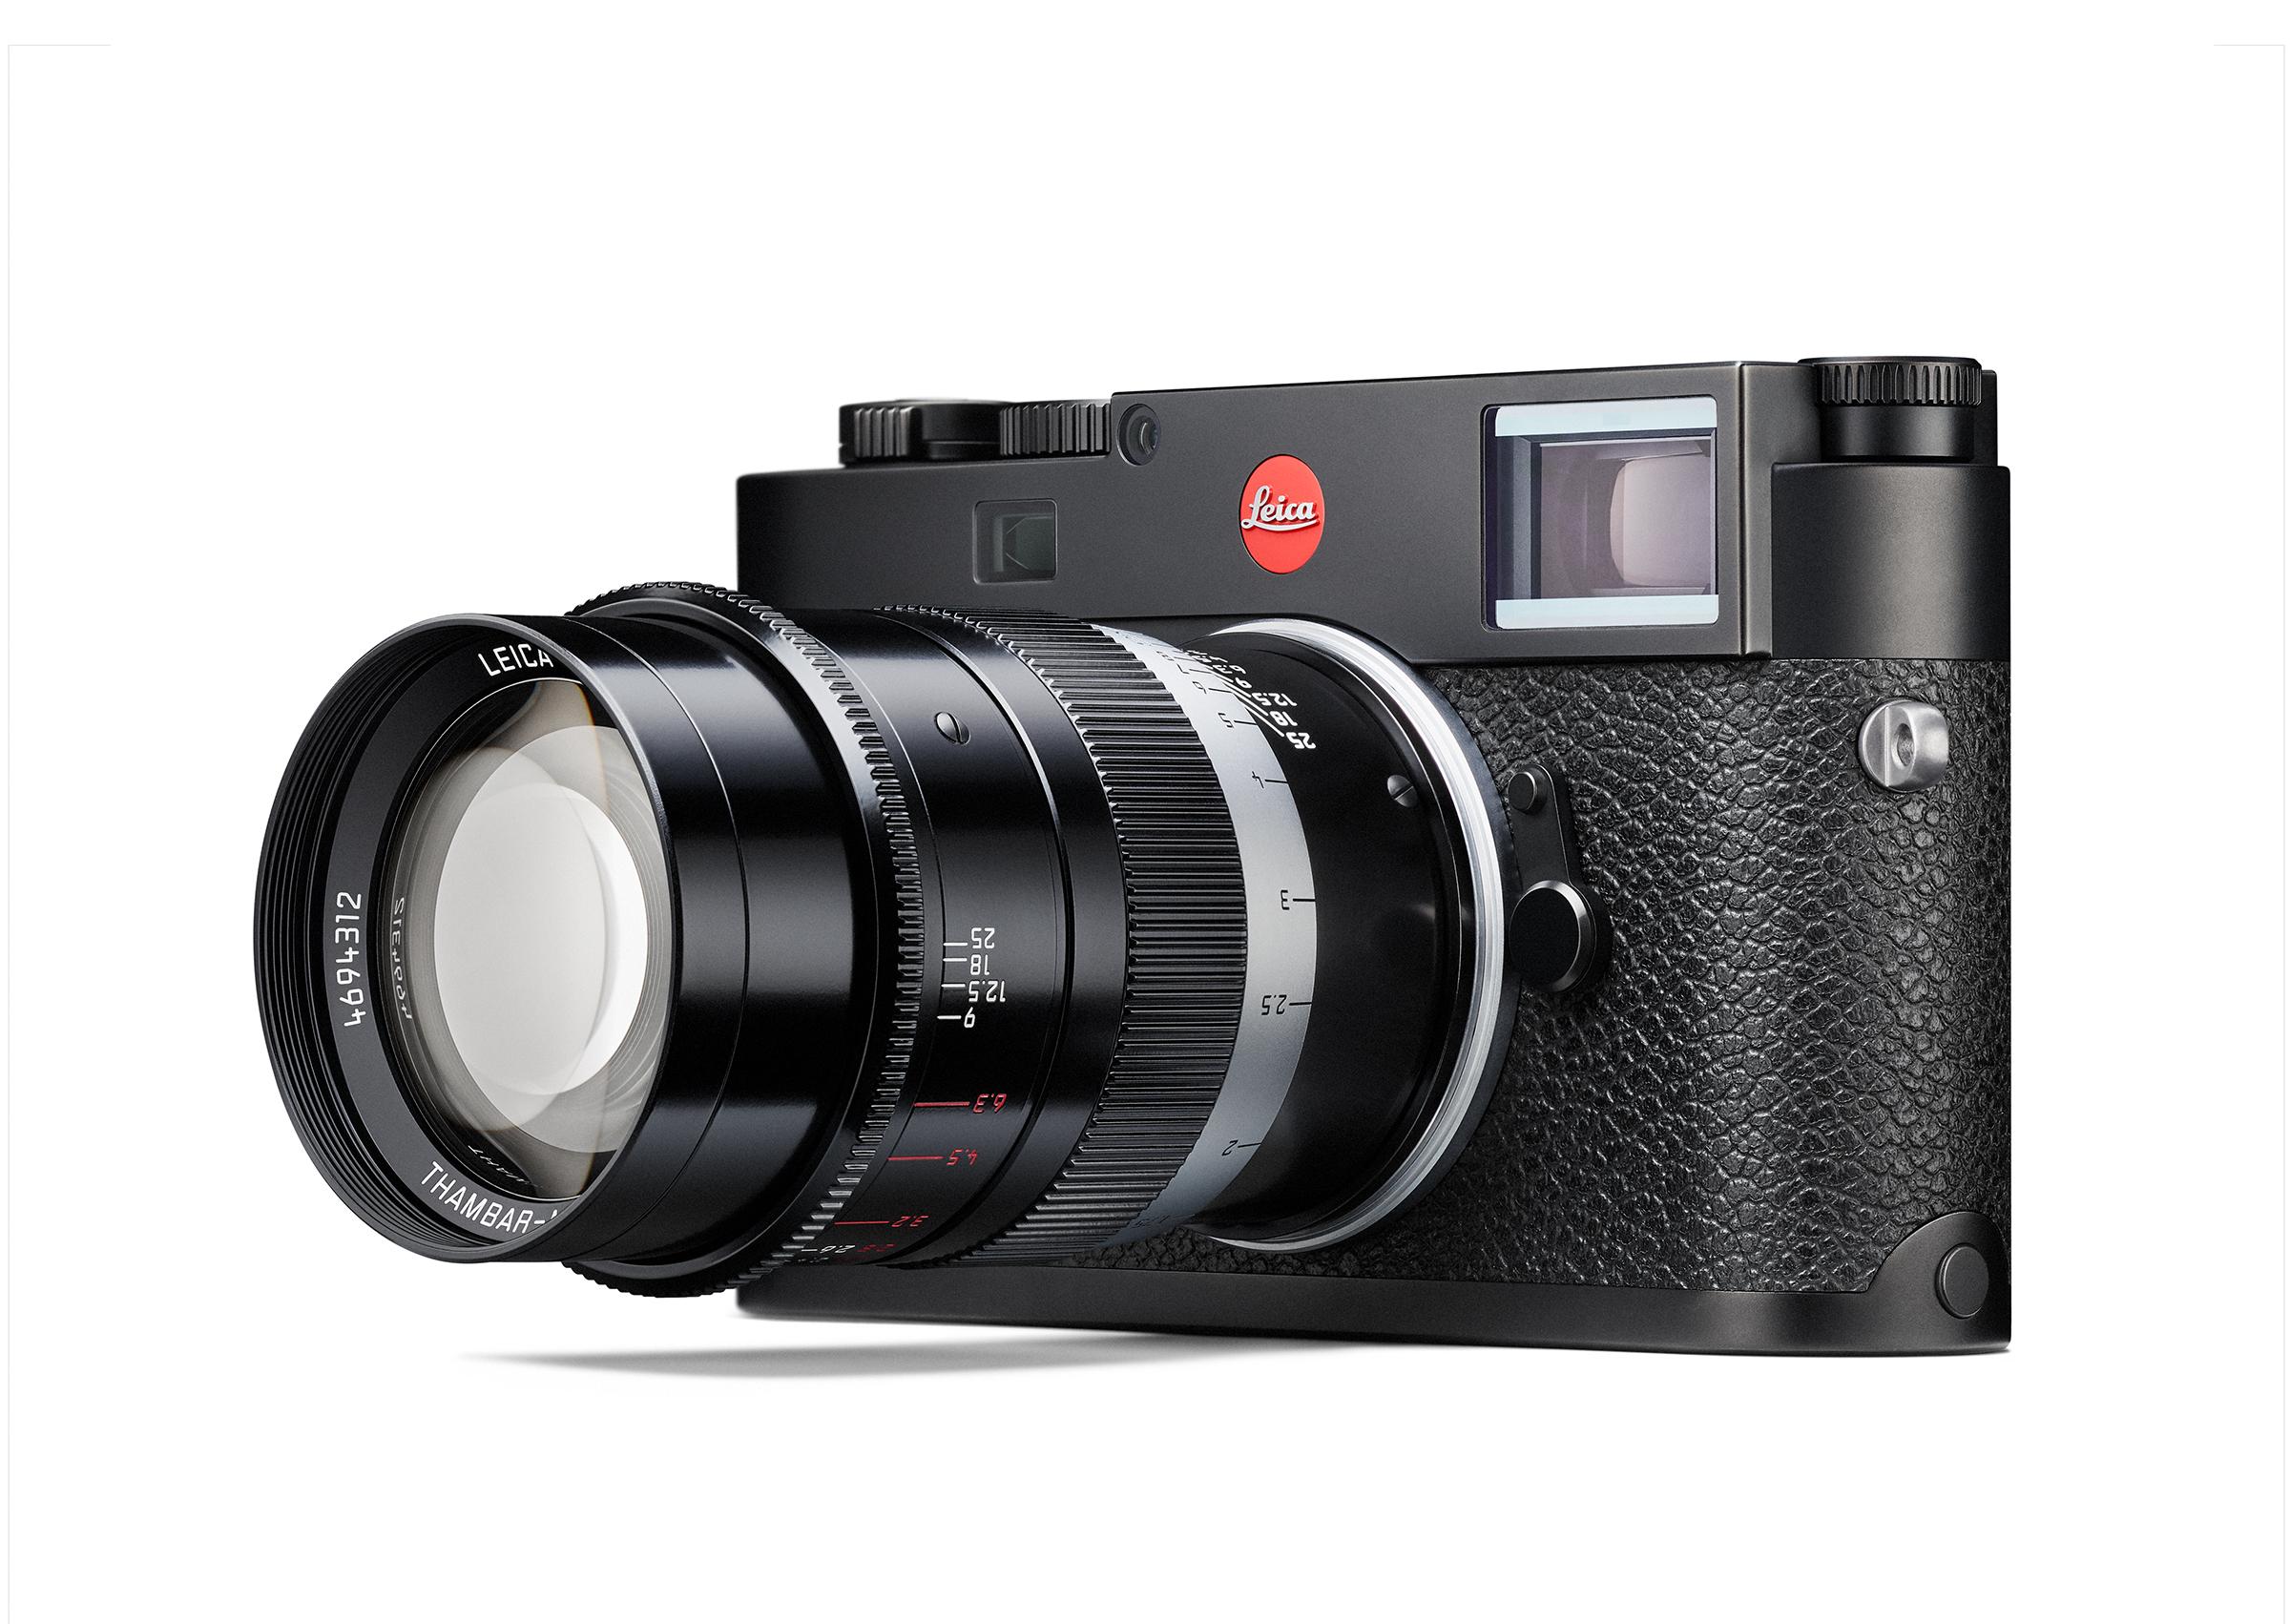 Leica_Thambar-M_Leica M10_RGB